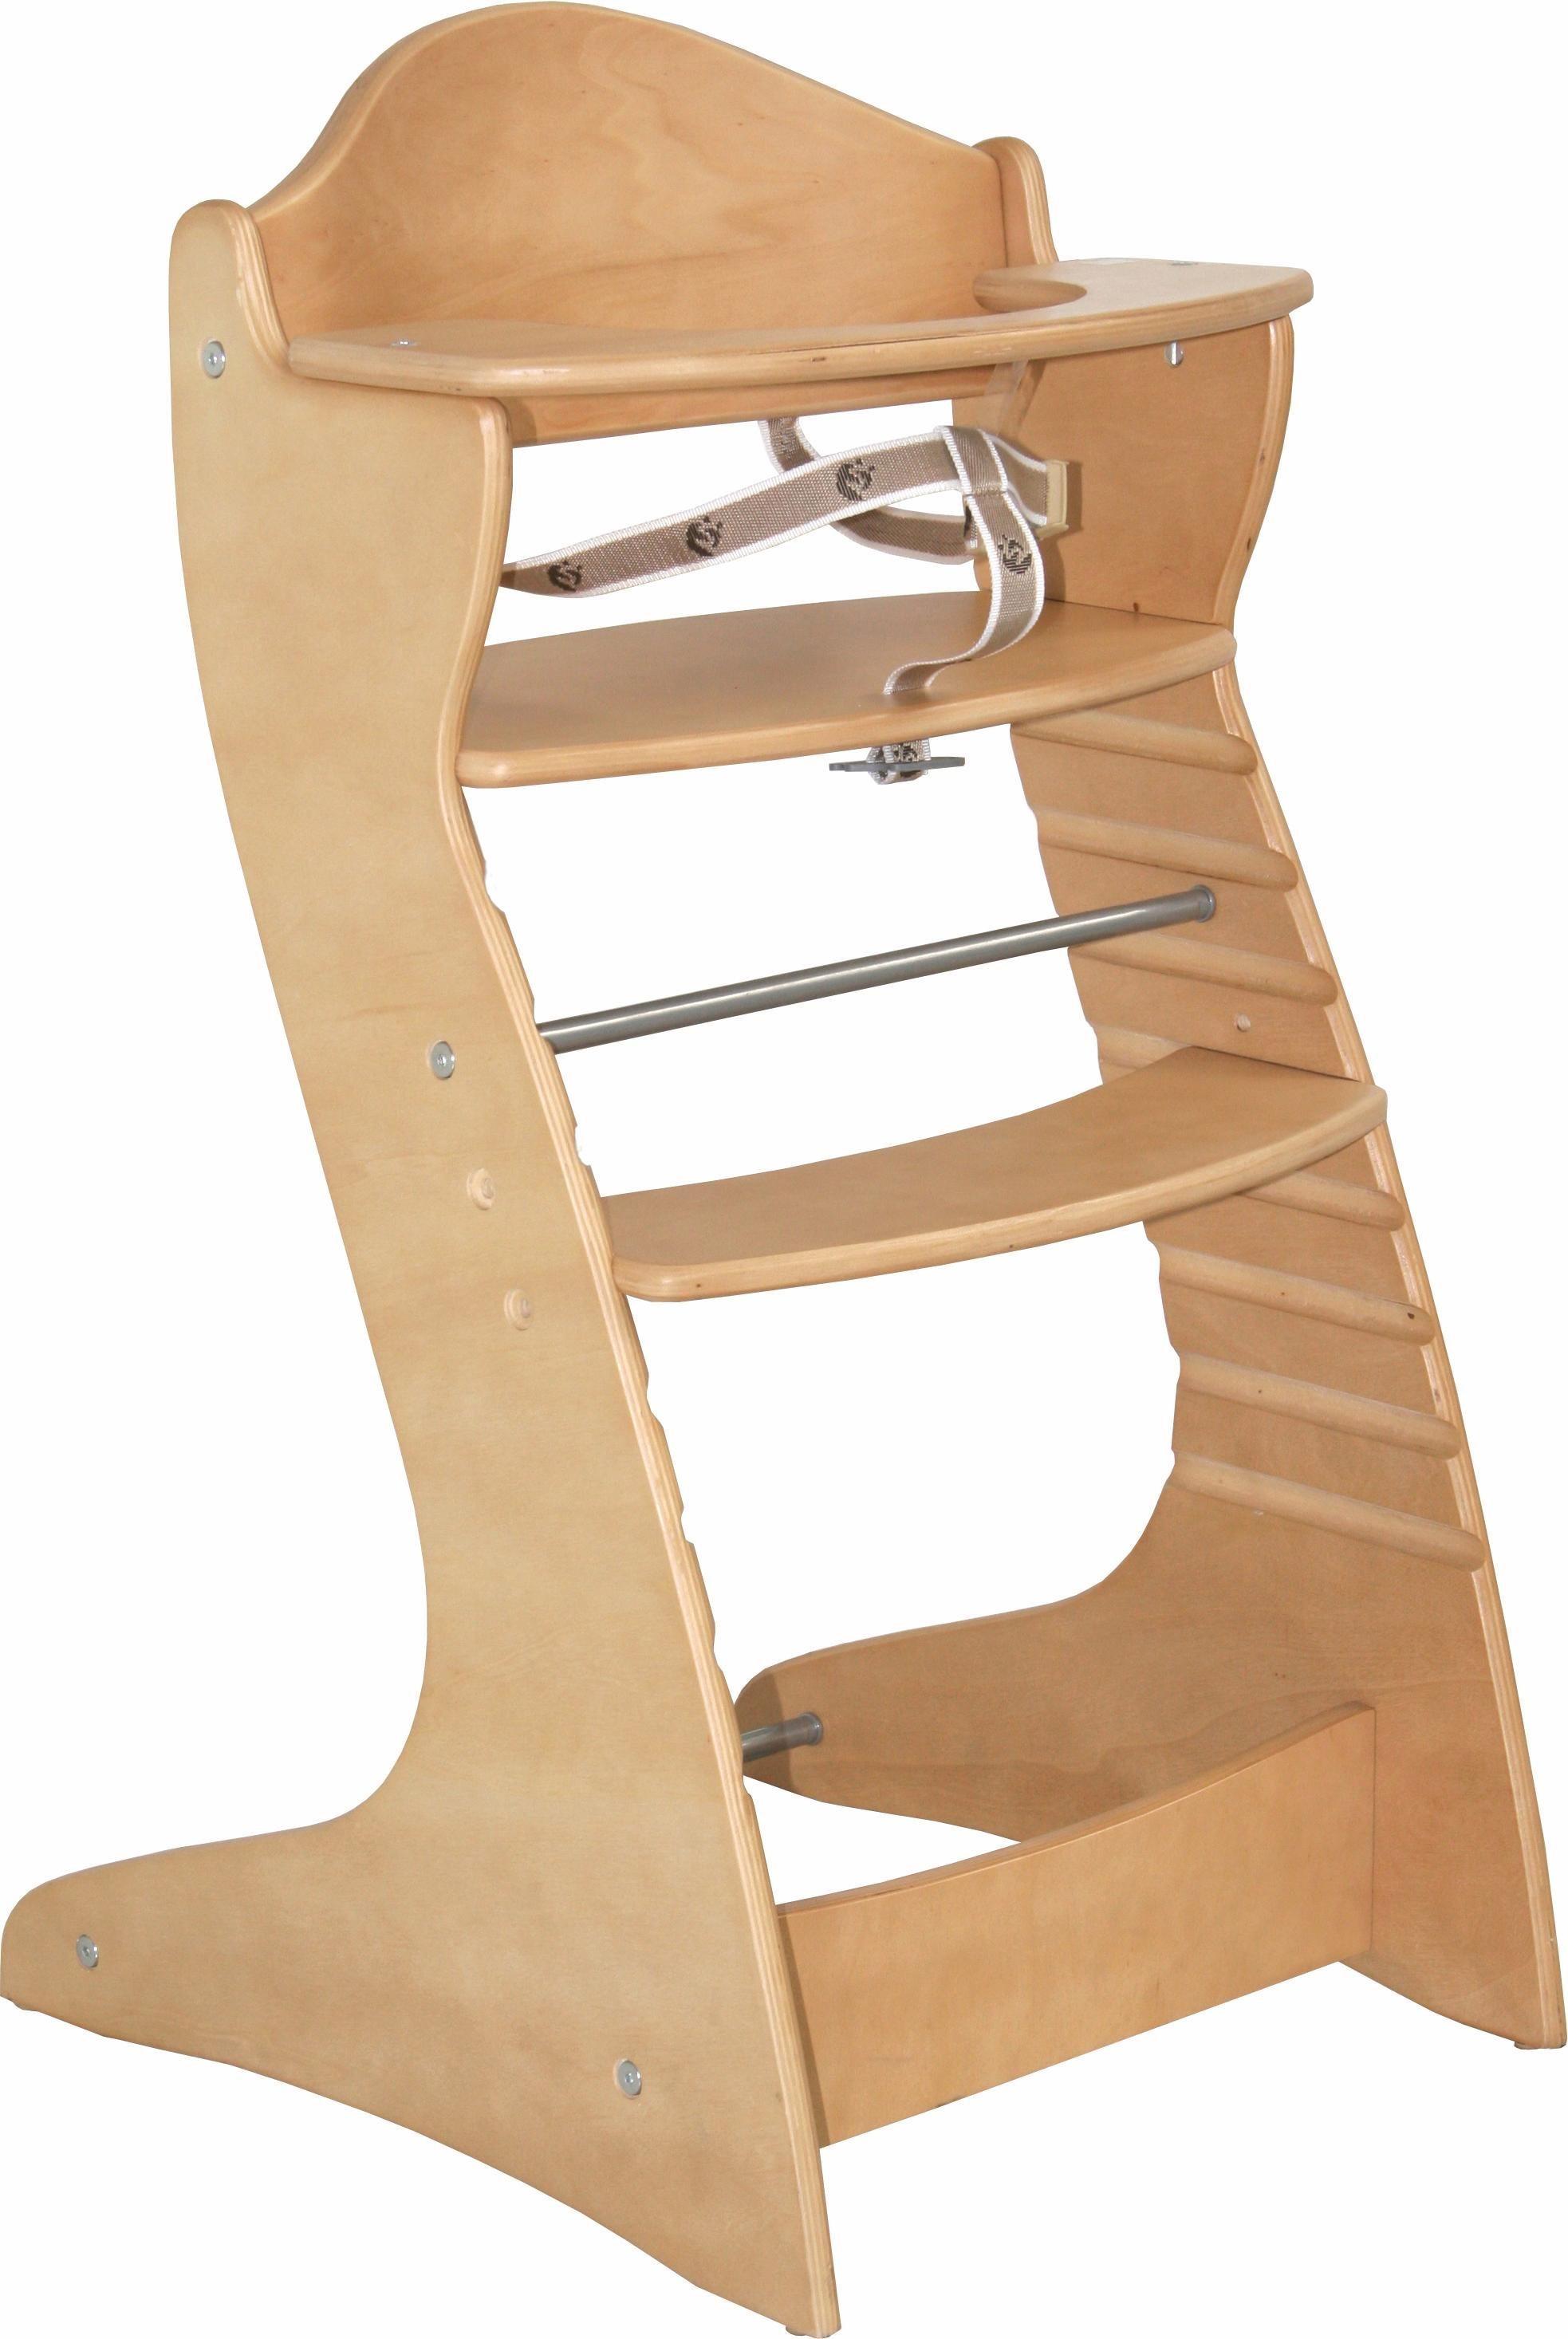 Roba Hochstuhl aus Holz, »Treppenhochstuhl Chair up, natur« | Kinderzimmer > Kinderzimmerstühle > Hochstühle | Roba®